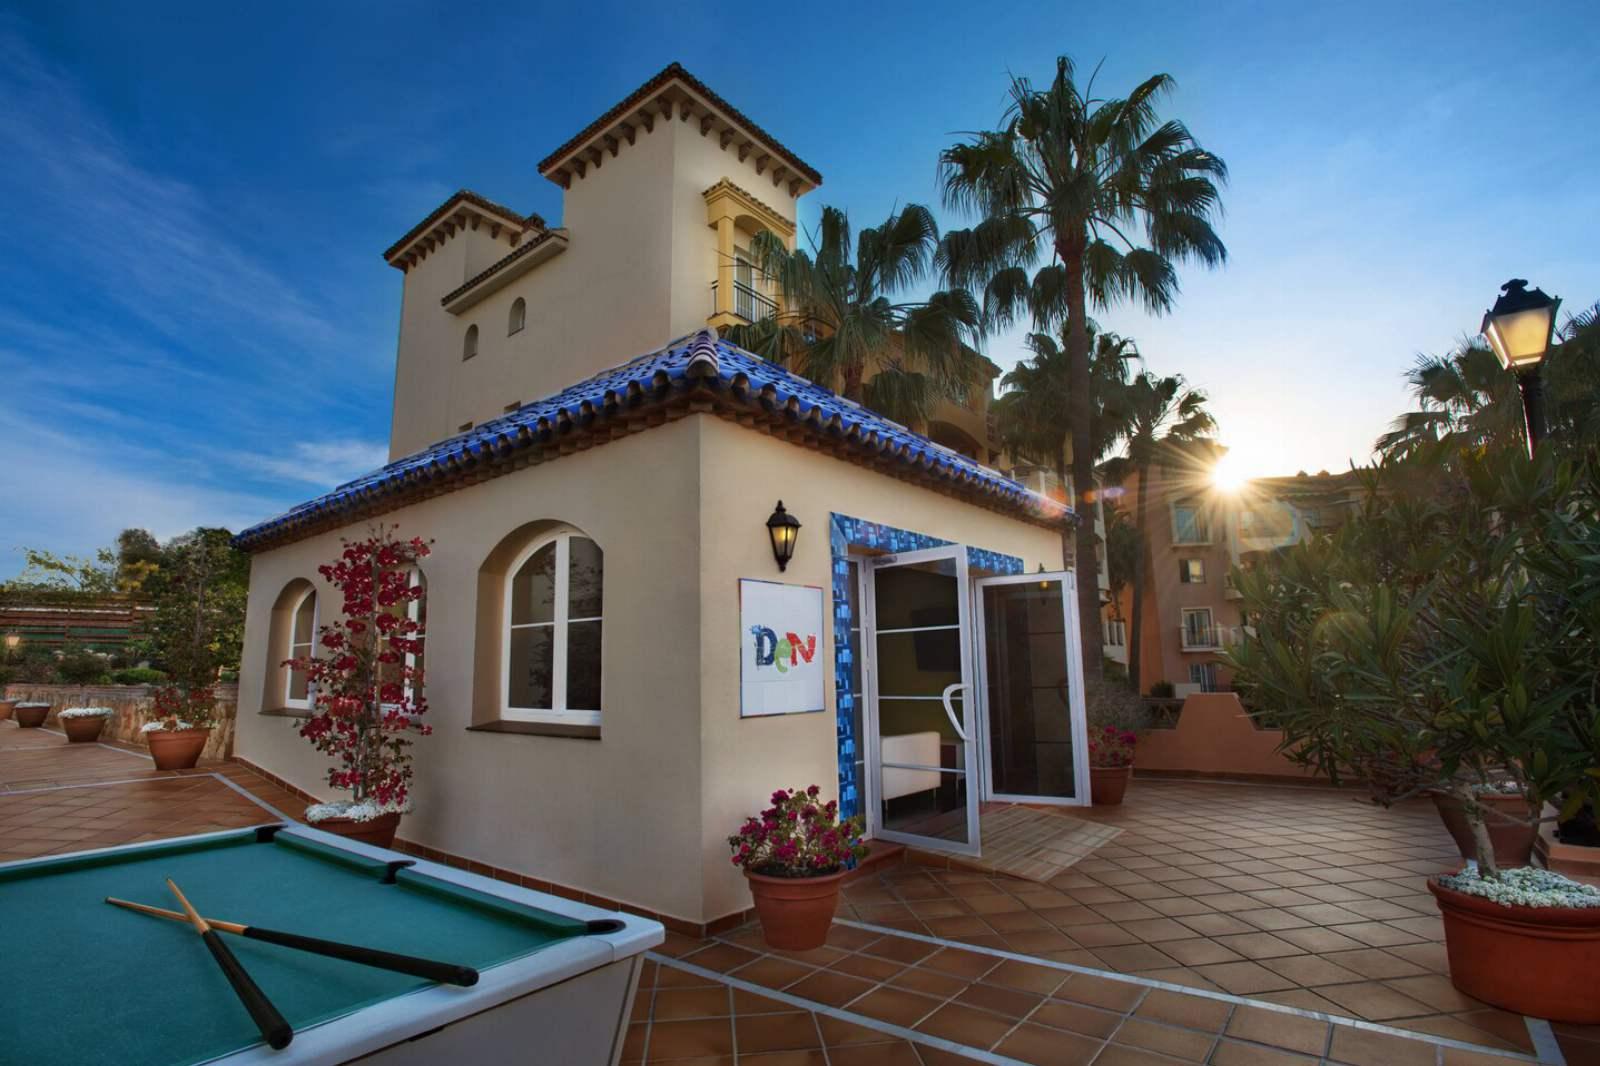 Marriott's Marbella Beach Resort - The Den